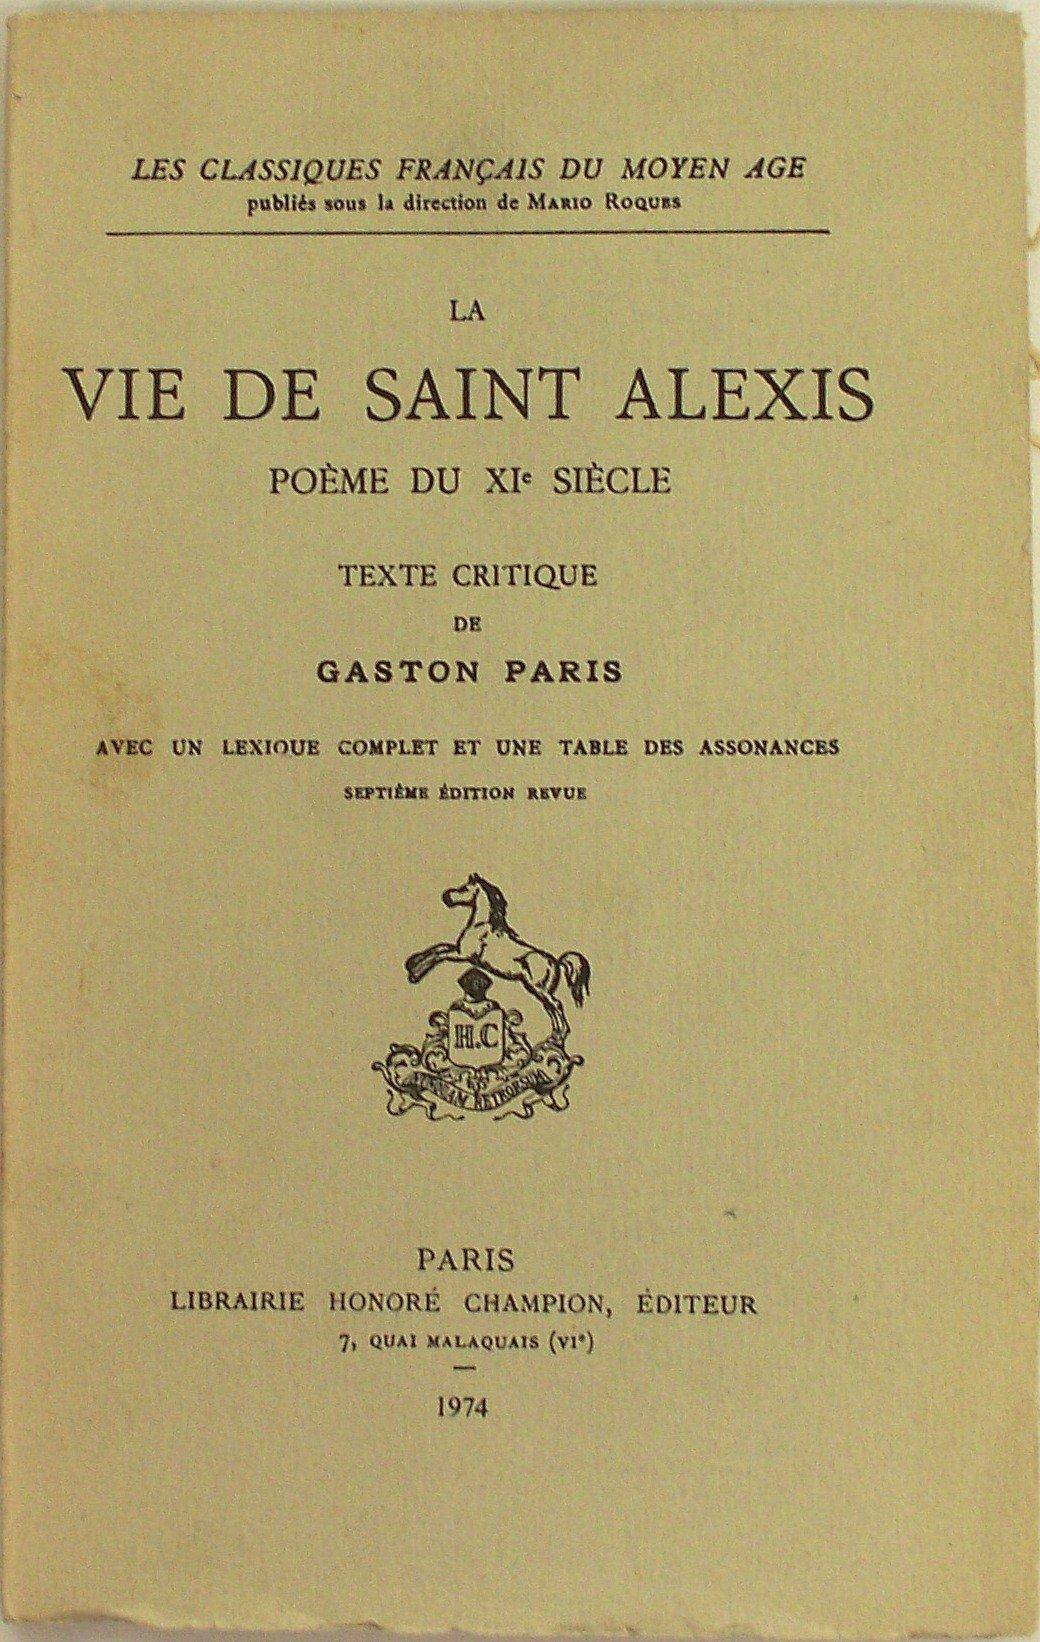 La Vie De Saint Alexis Poème Du Xie Siècle Texte Critique